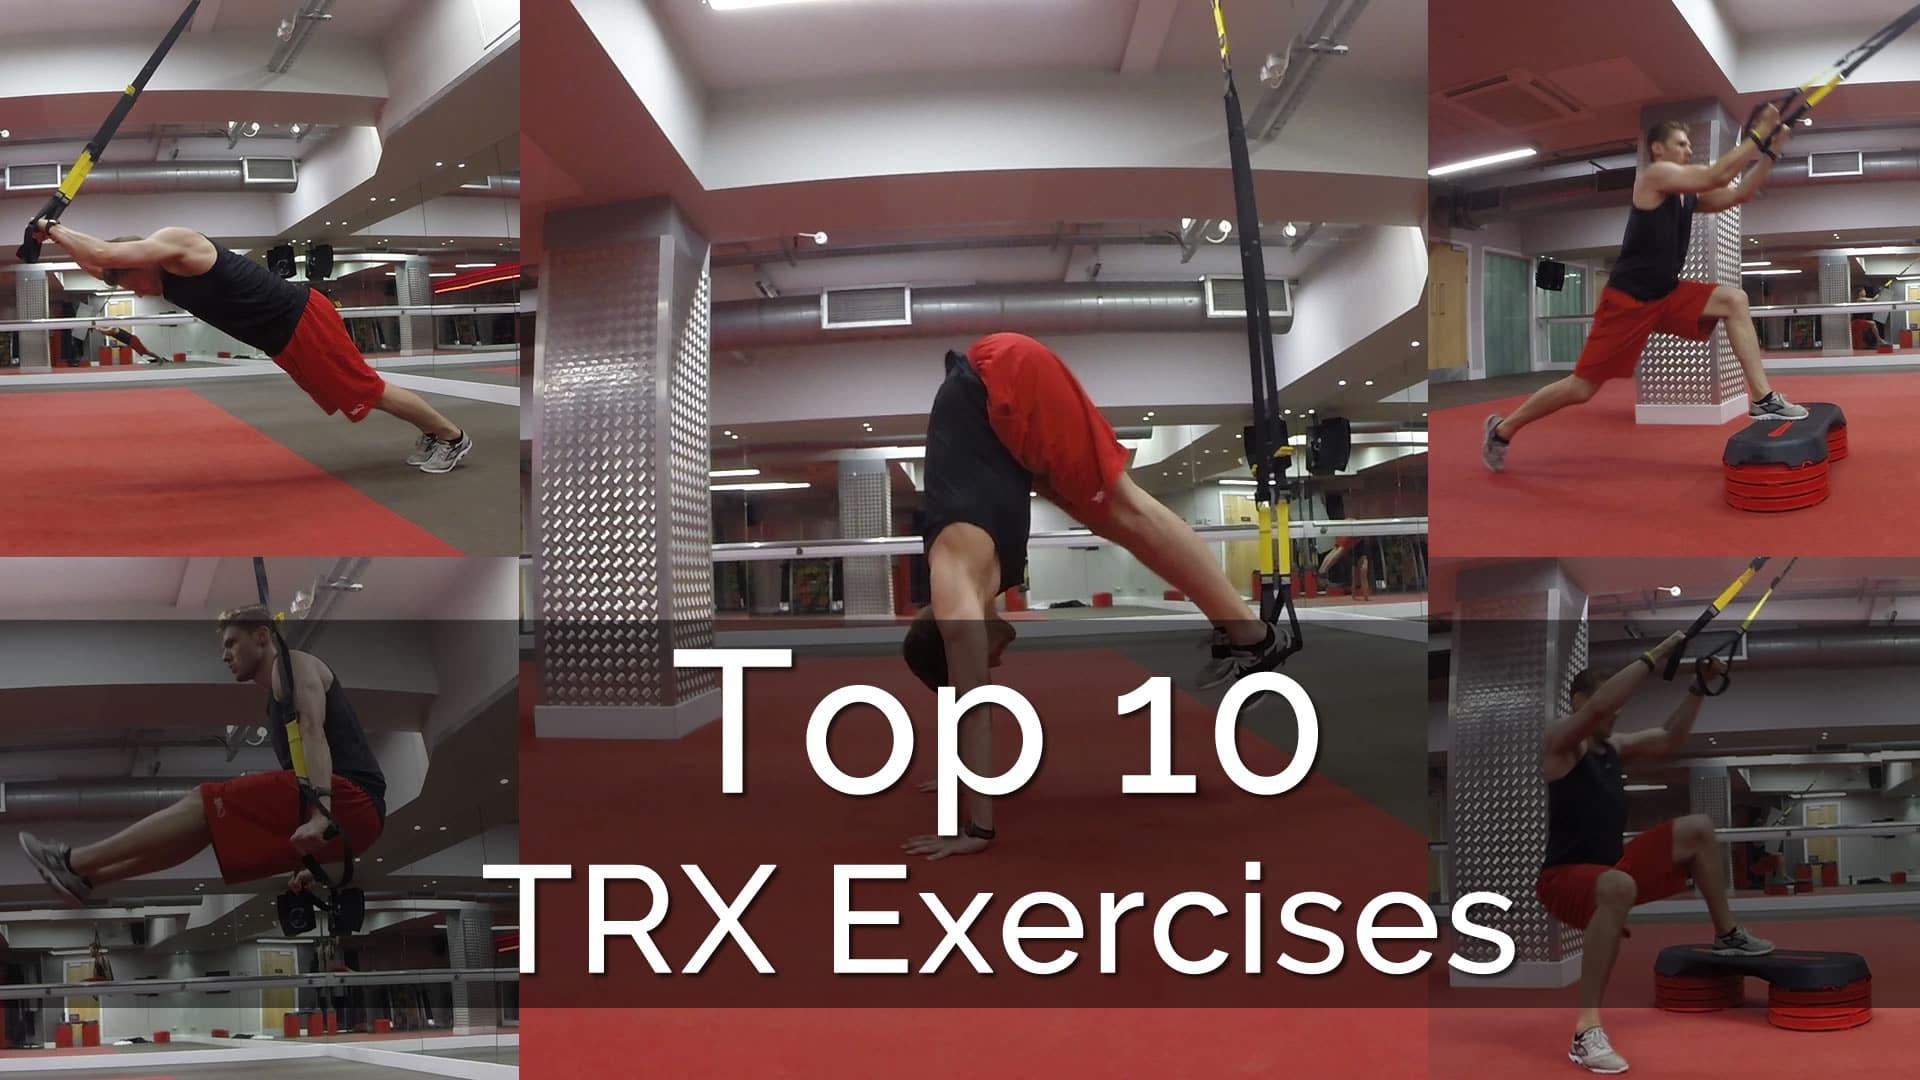 Trx Suspension Trainer Exercises Top 10